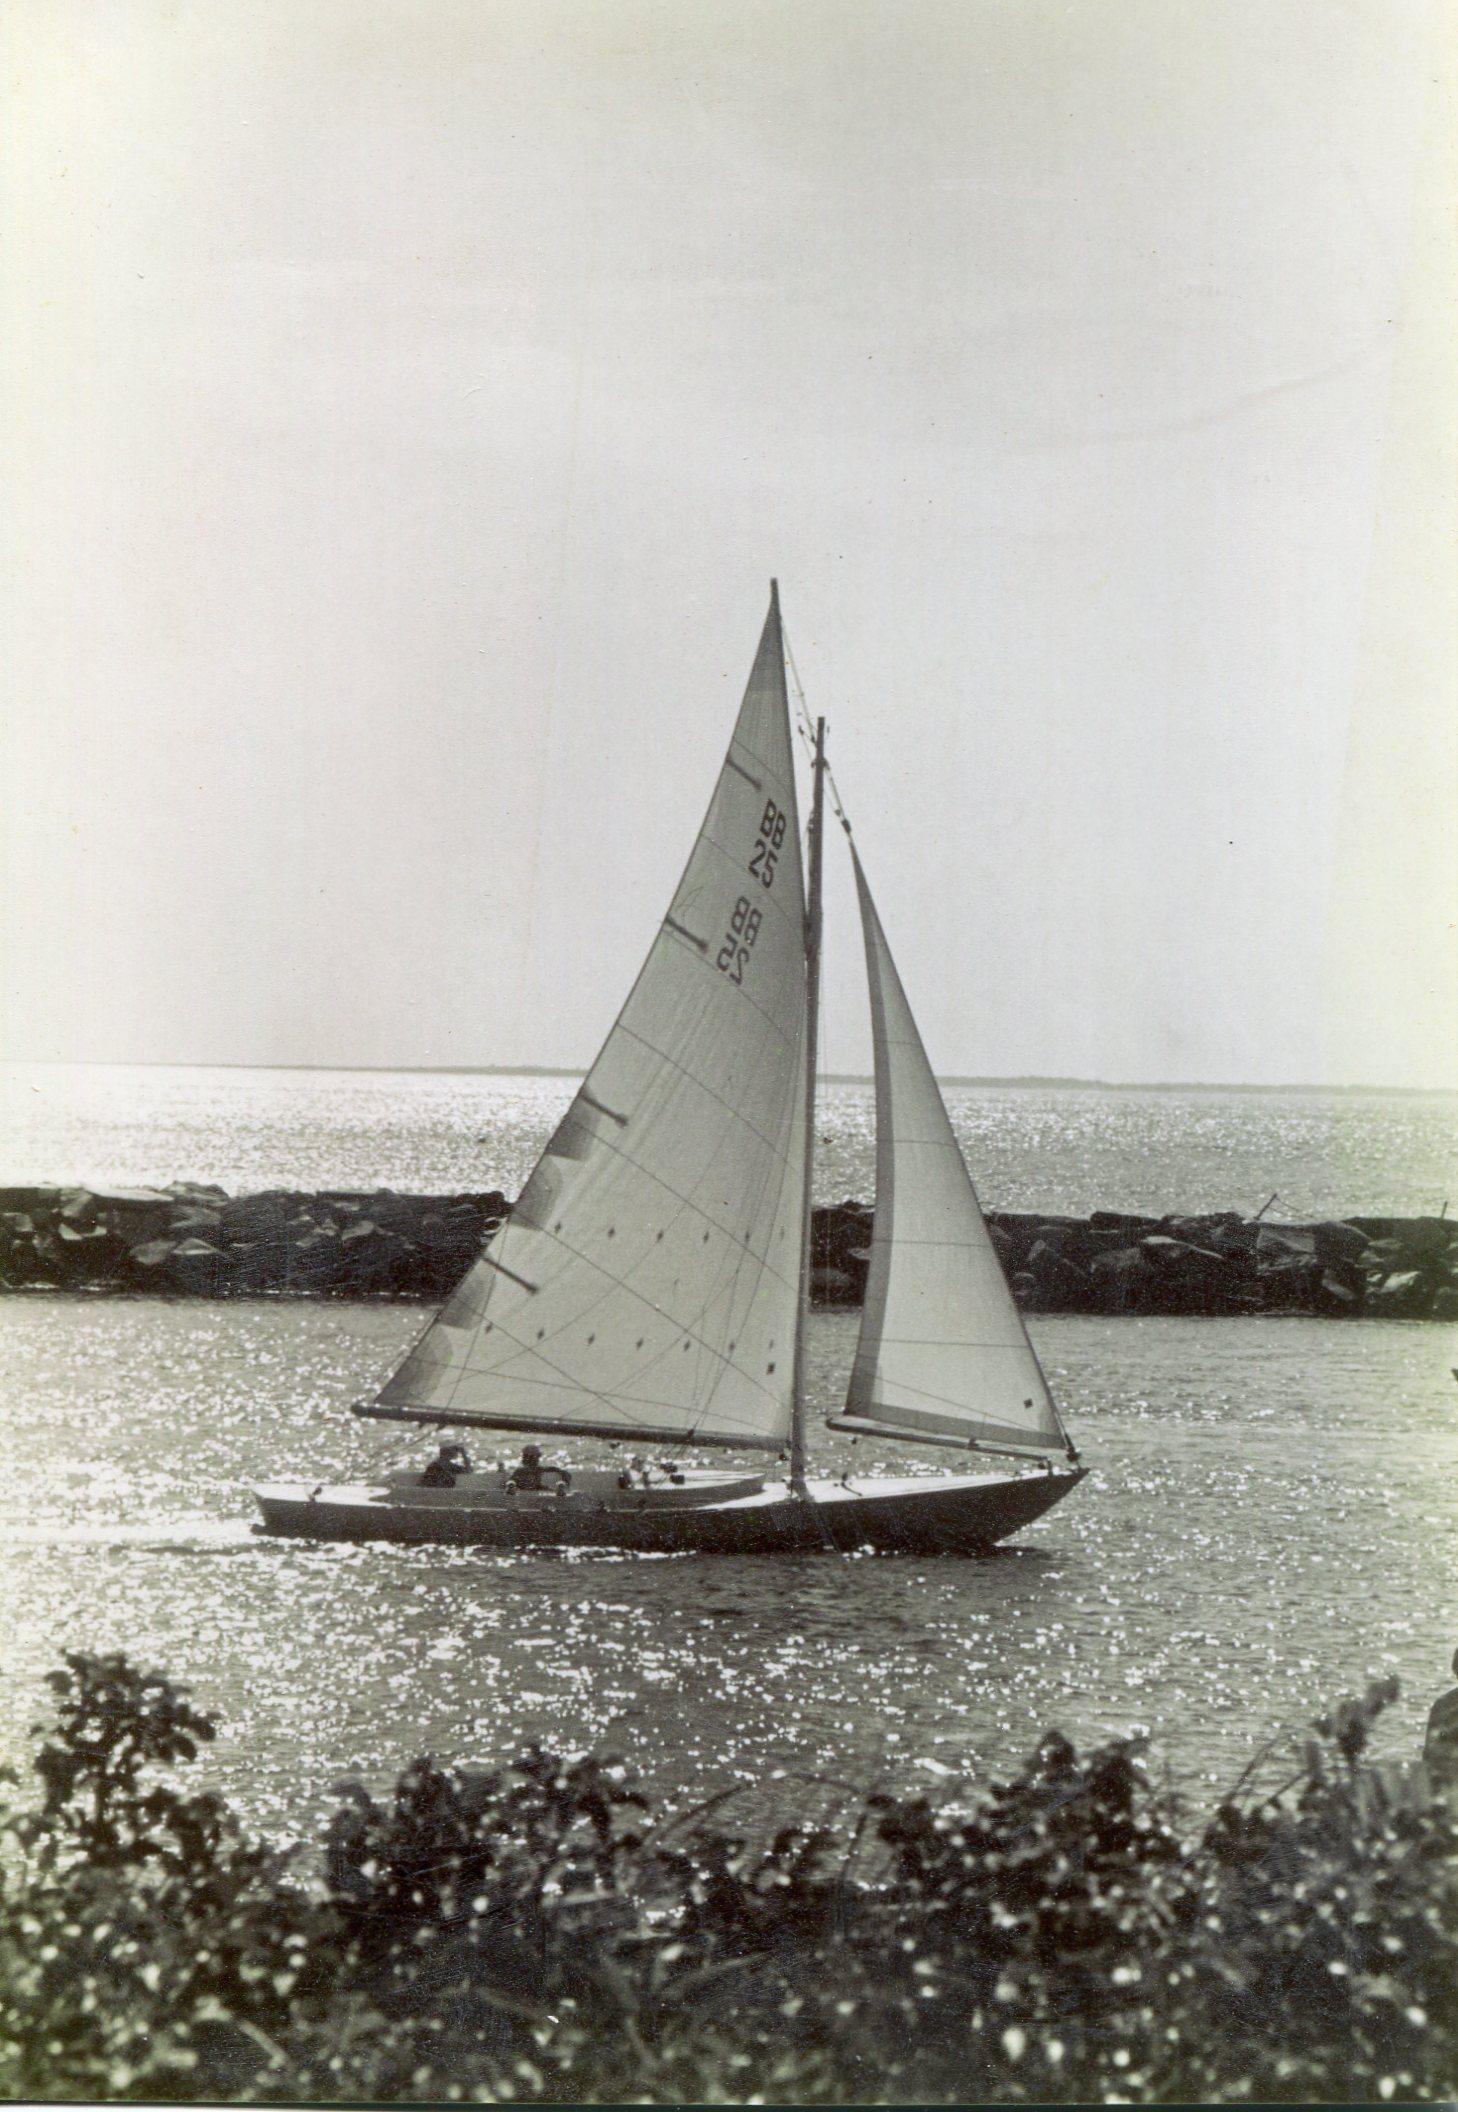 N.G. Herreshoff Buzzards Bay 25